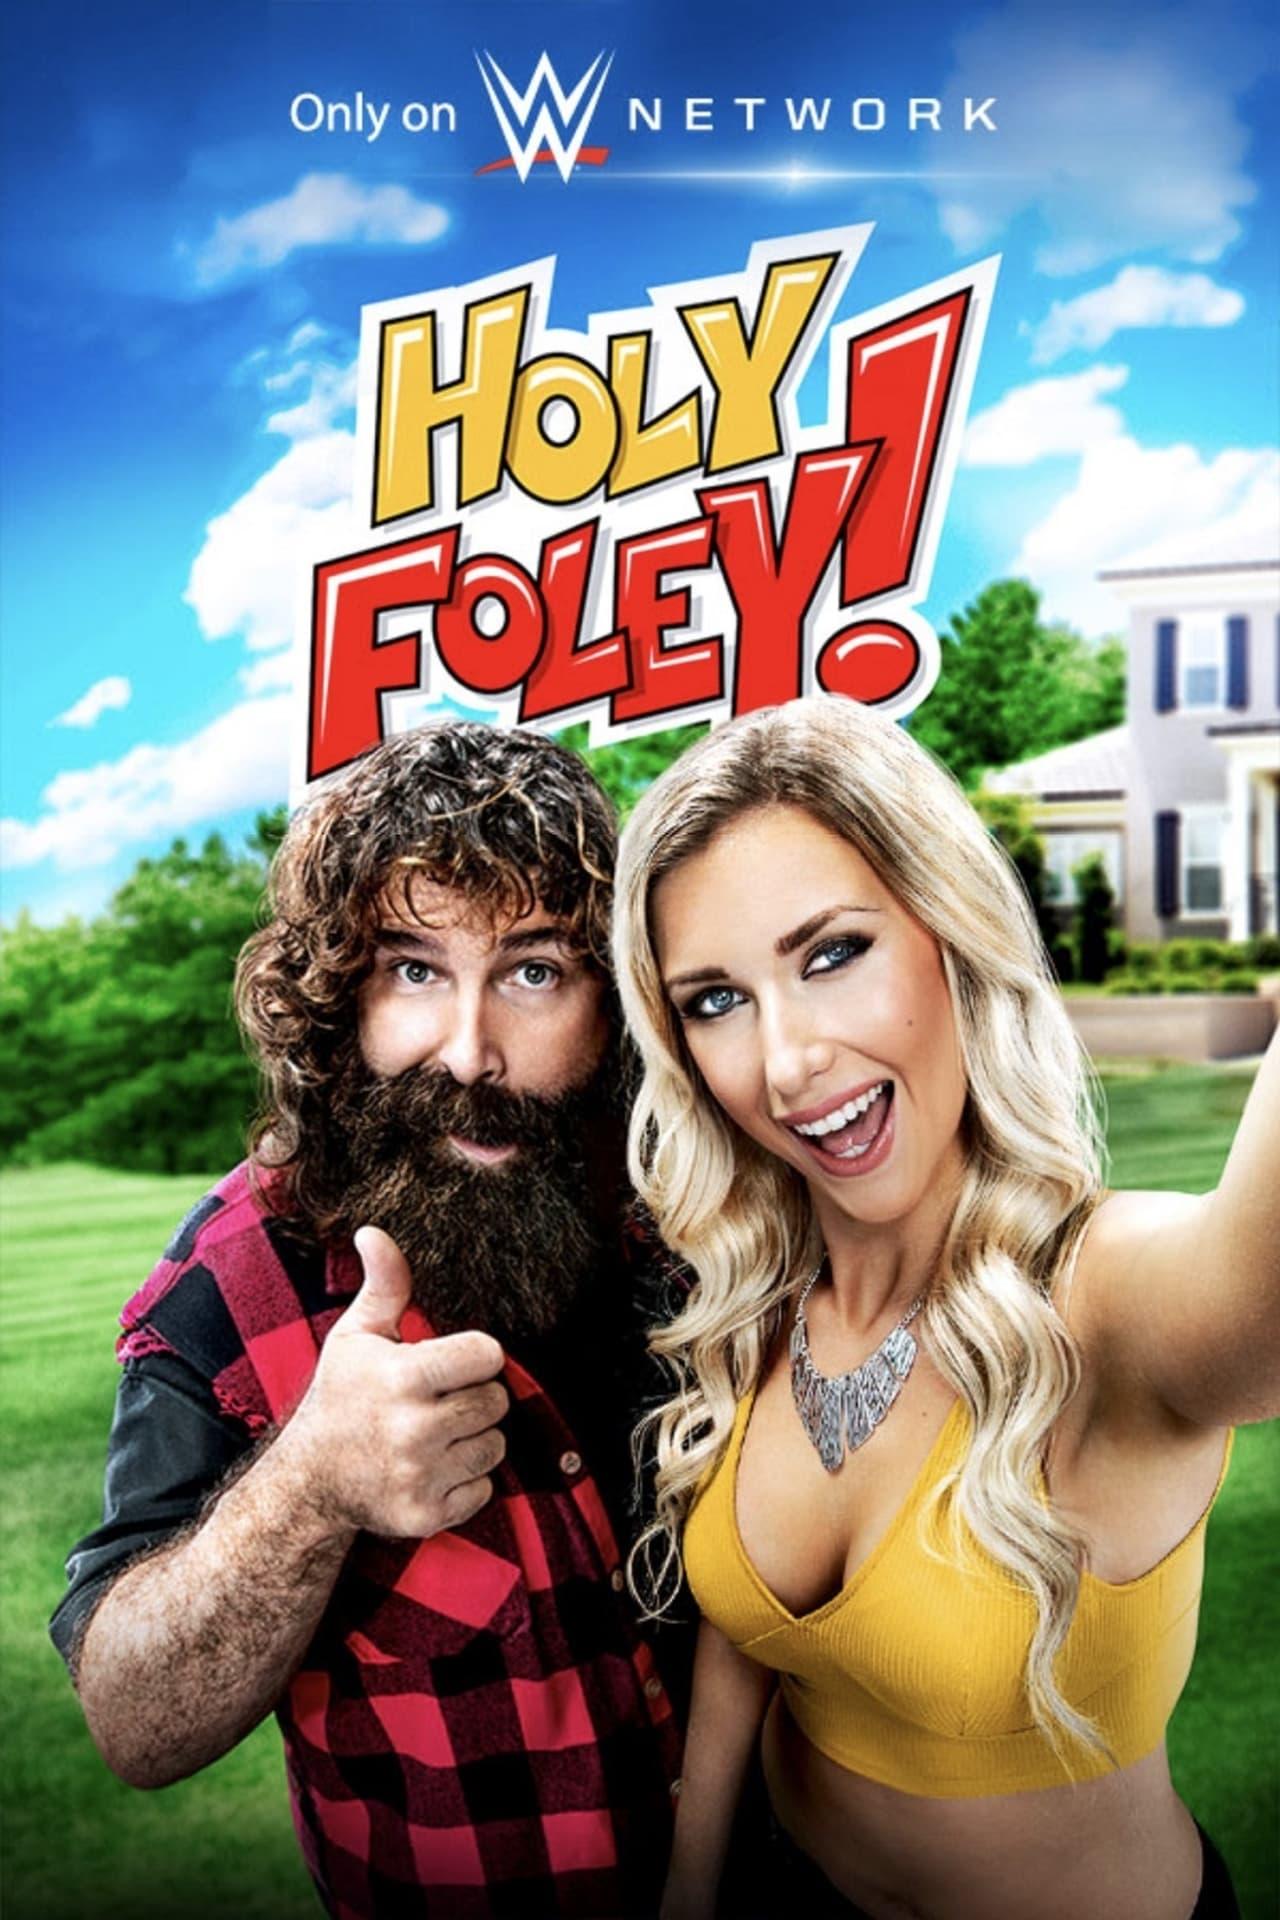 Holy Foley